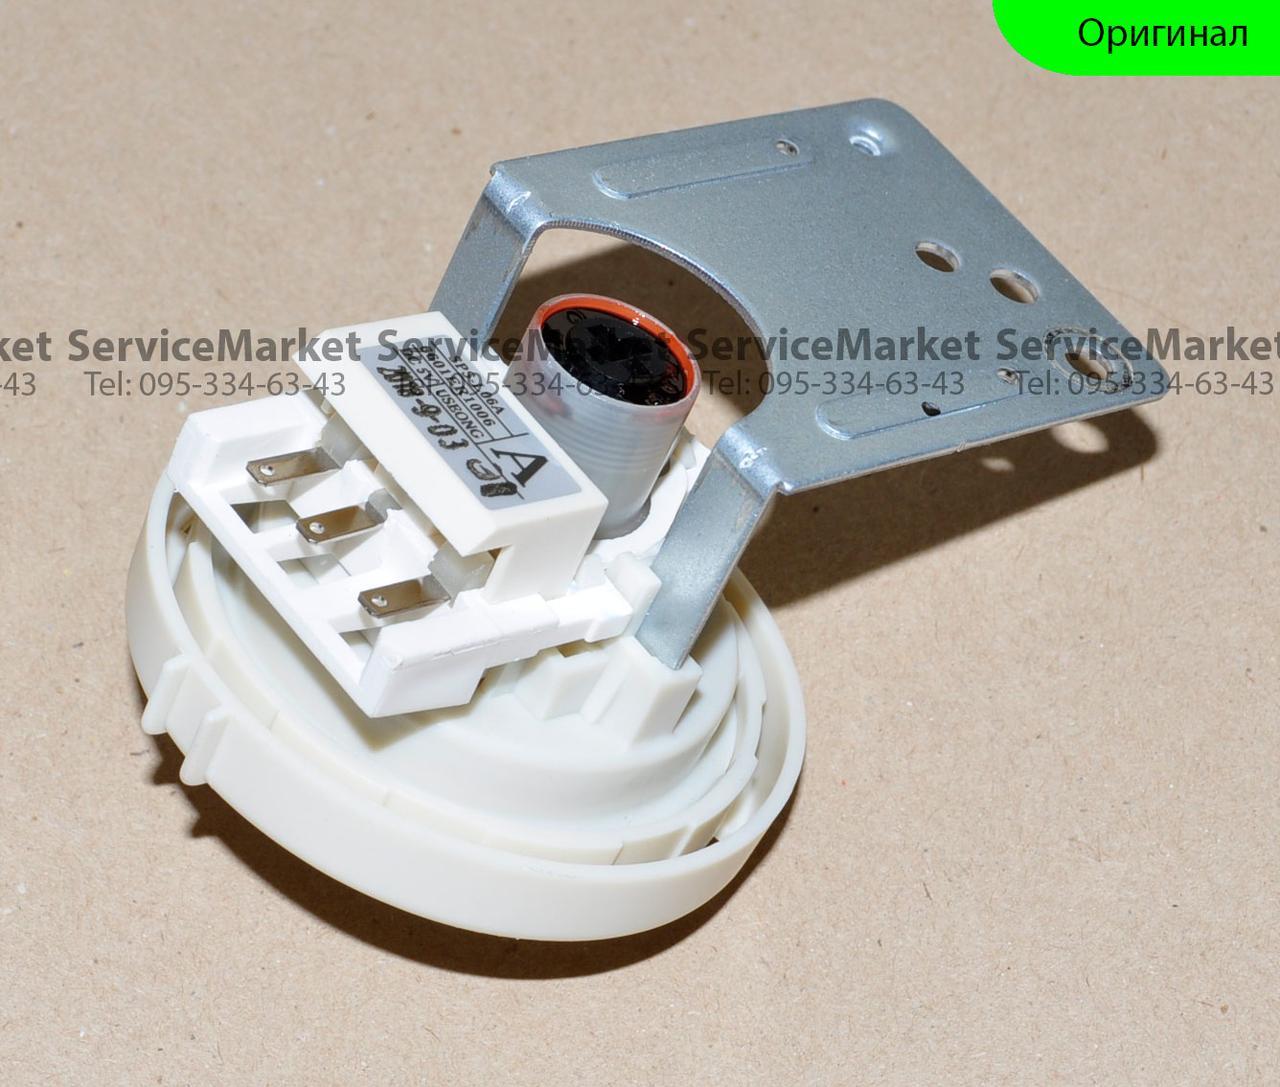 Прессостат LG 6601ER1006A для стиральной машины Оригинал